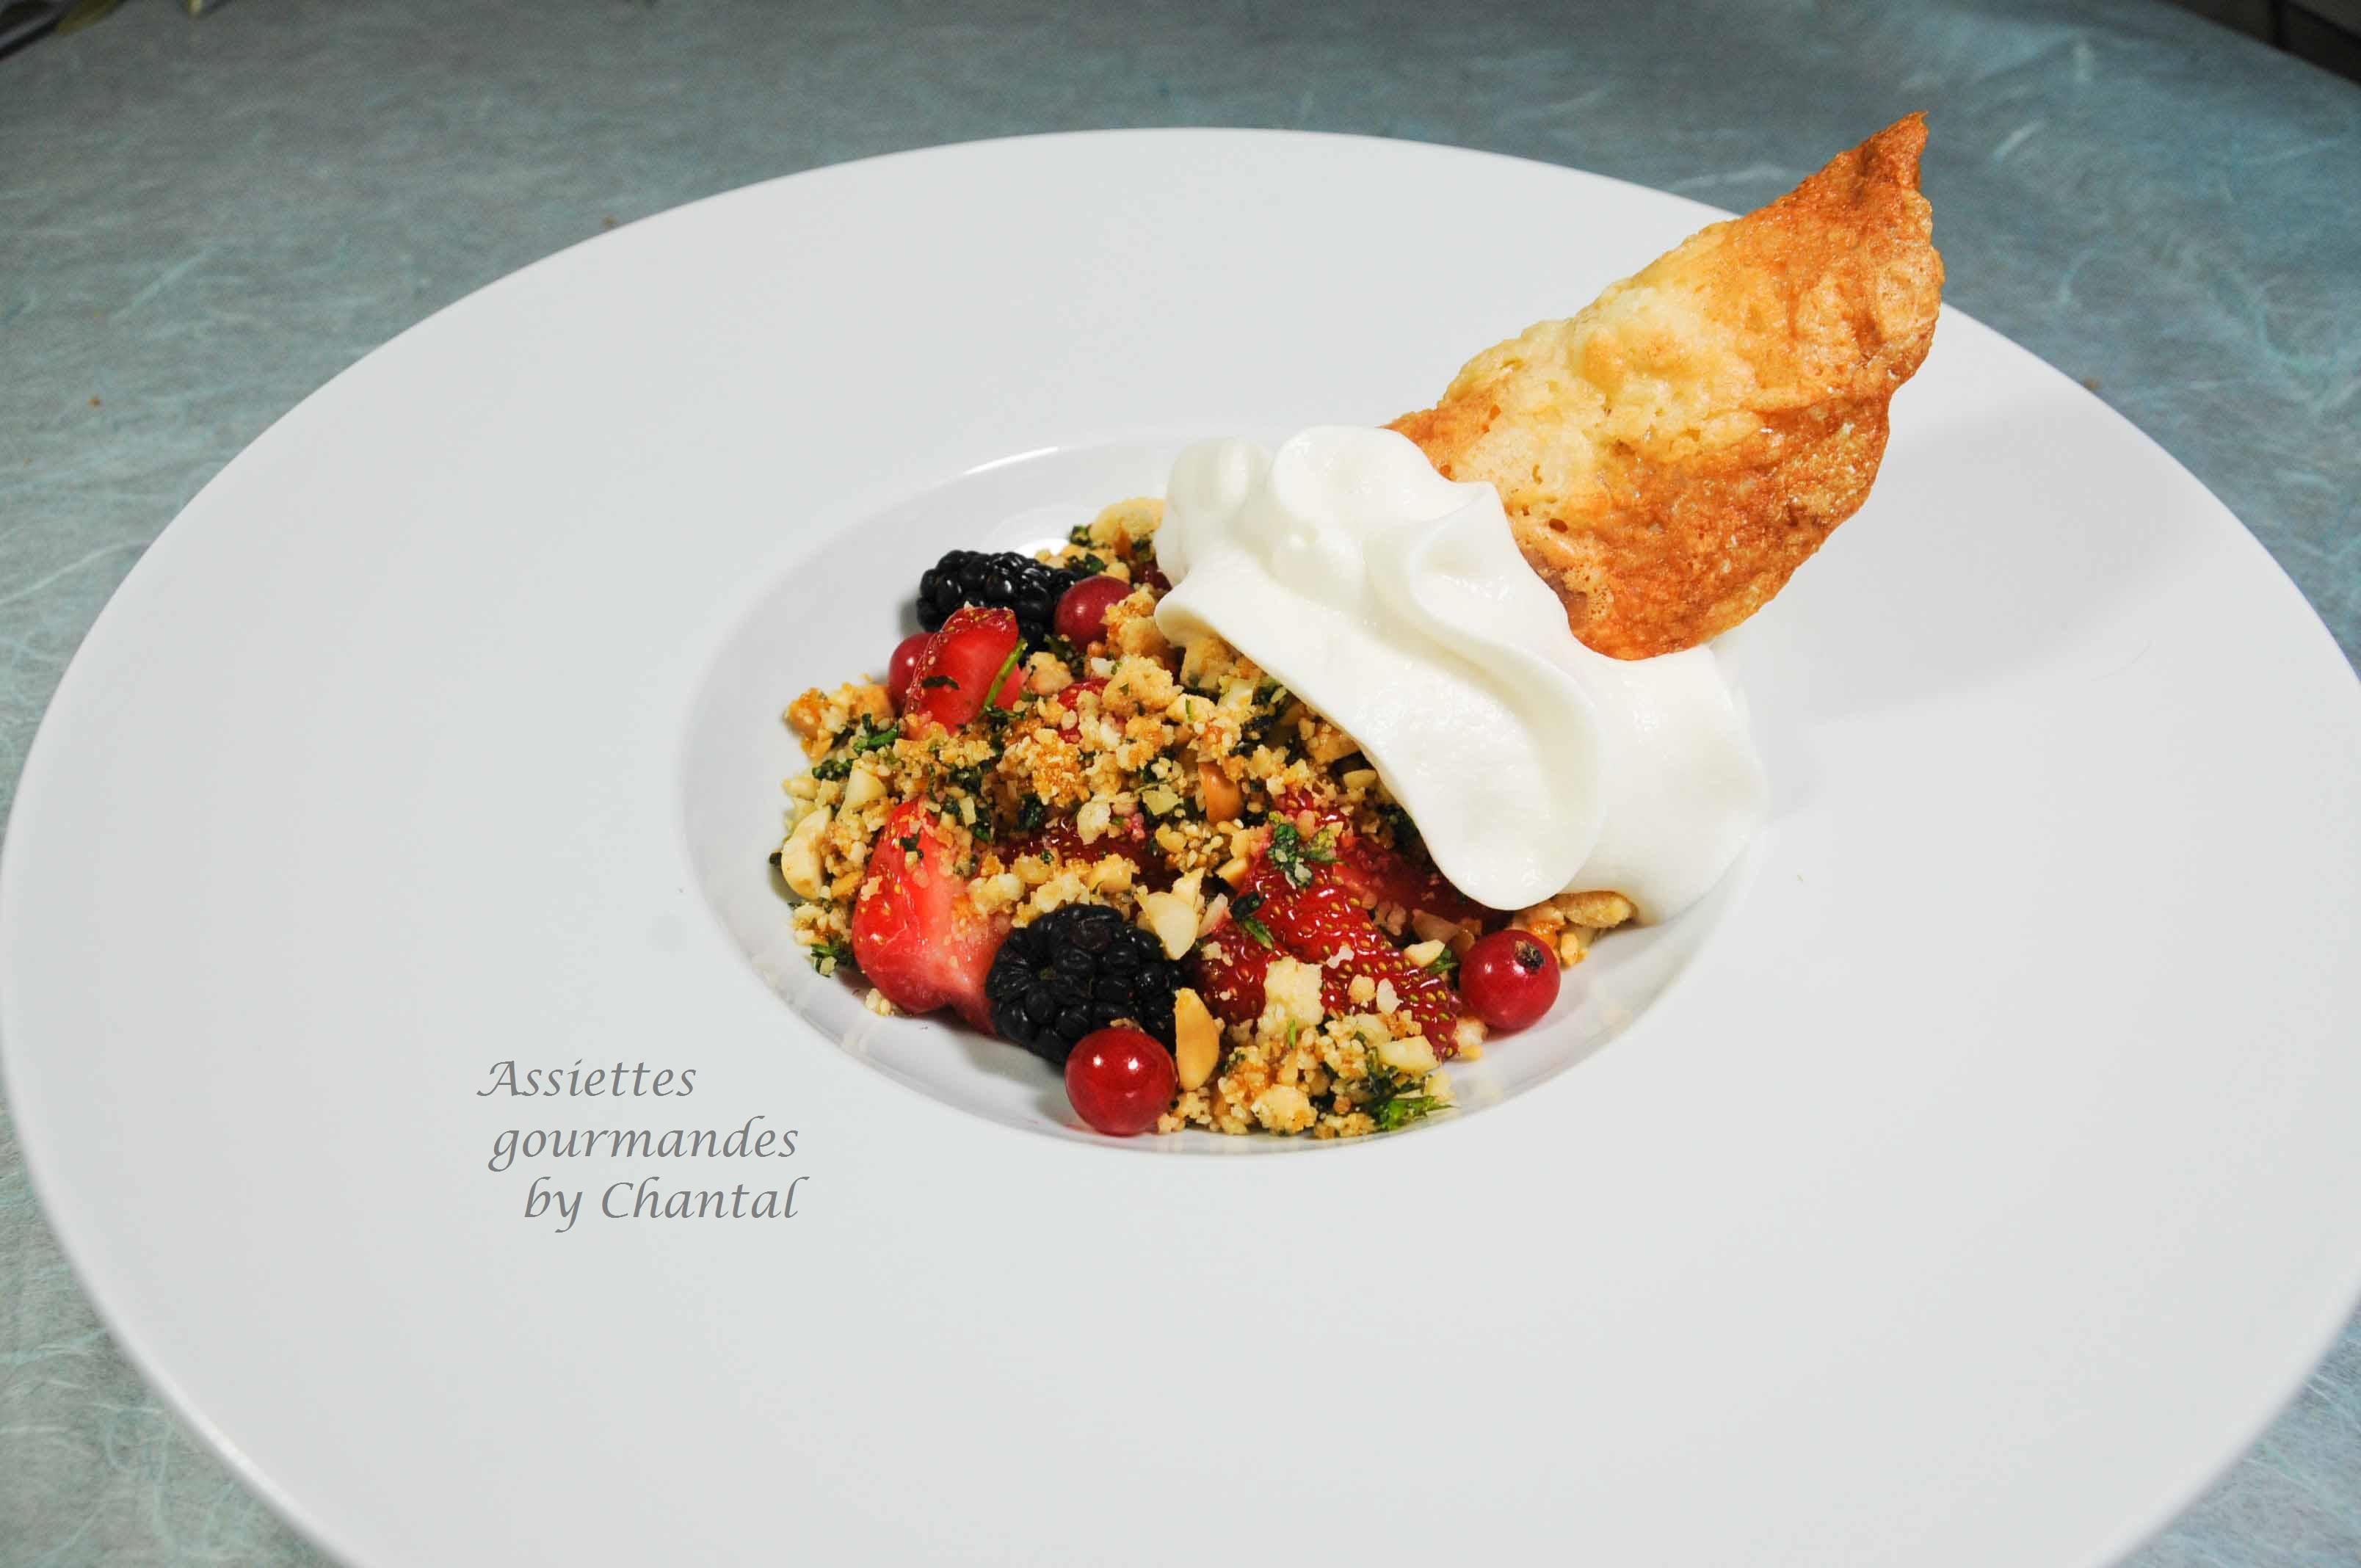 Salade de fraises, crumble menthe et espuma pâte d'amande